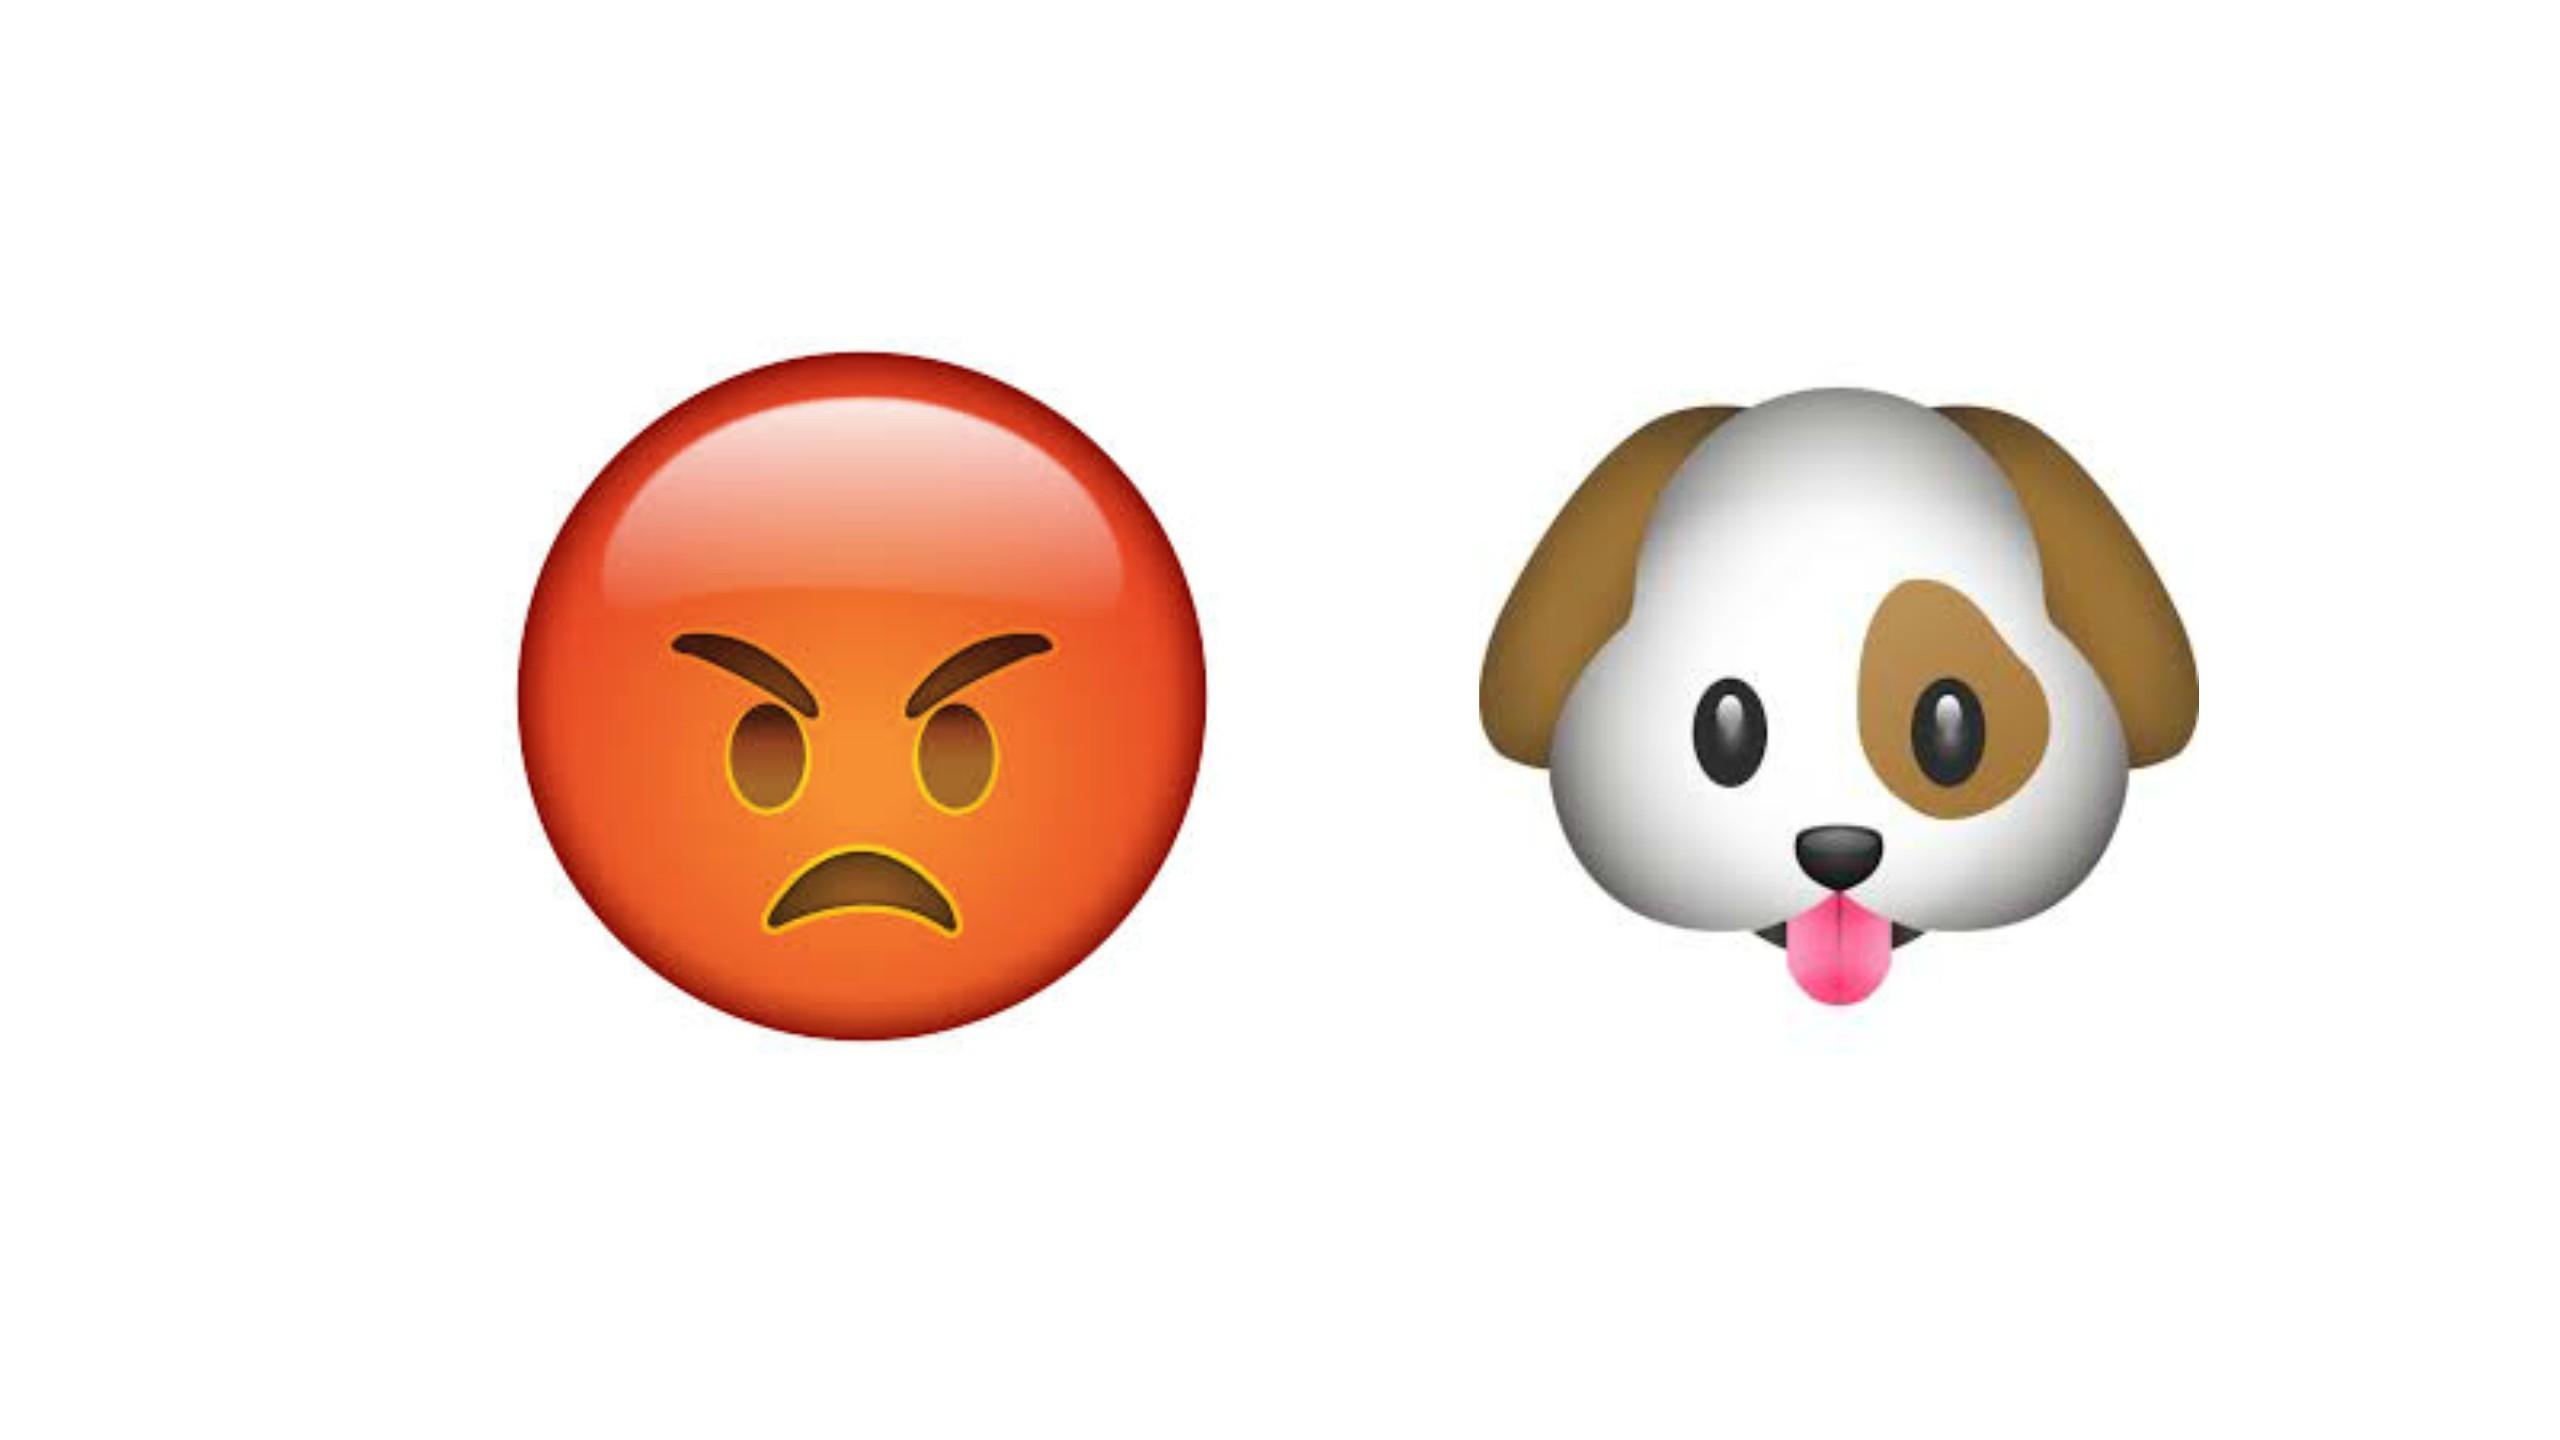 Queen Emoji Wallpapers (52+ images)